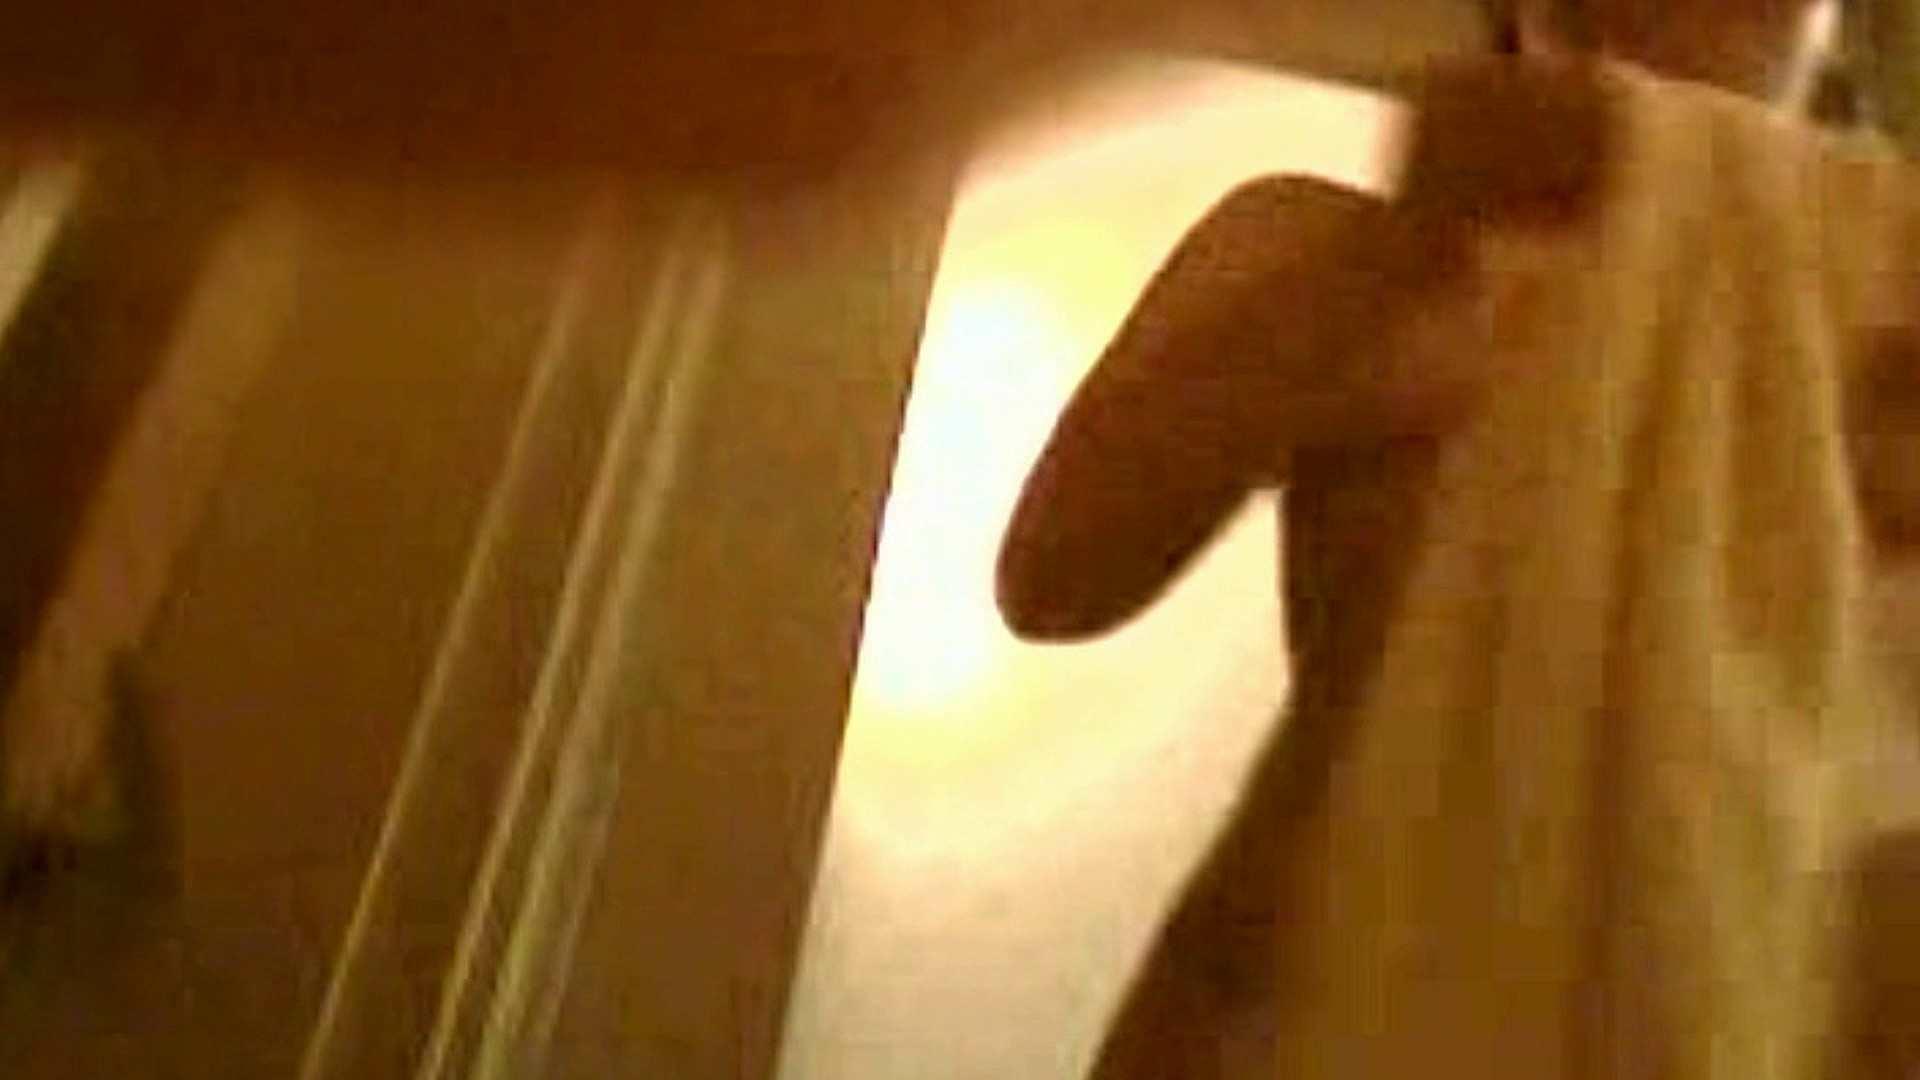 ▲復活限定D▲ややぽちゃ童顔の カナちゃん Vol.03 脱衣編 OLの実態  99pic 74